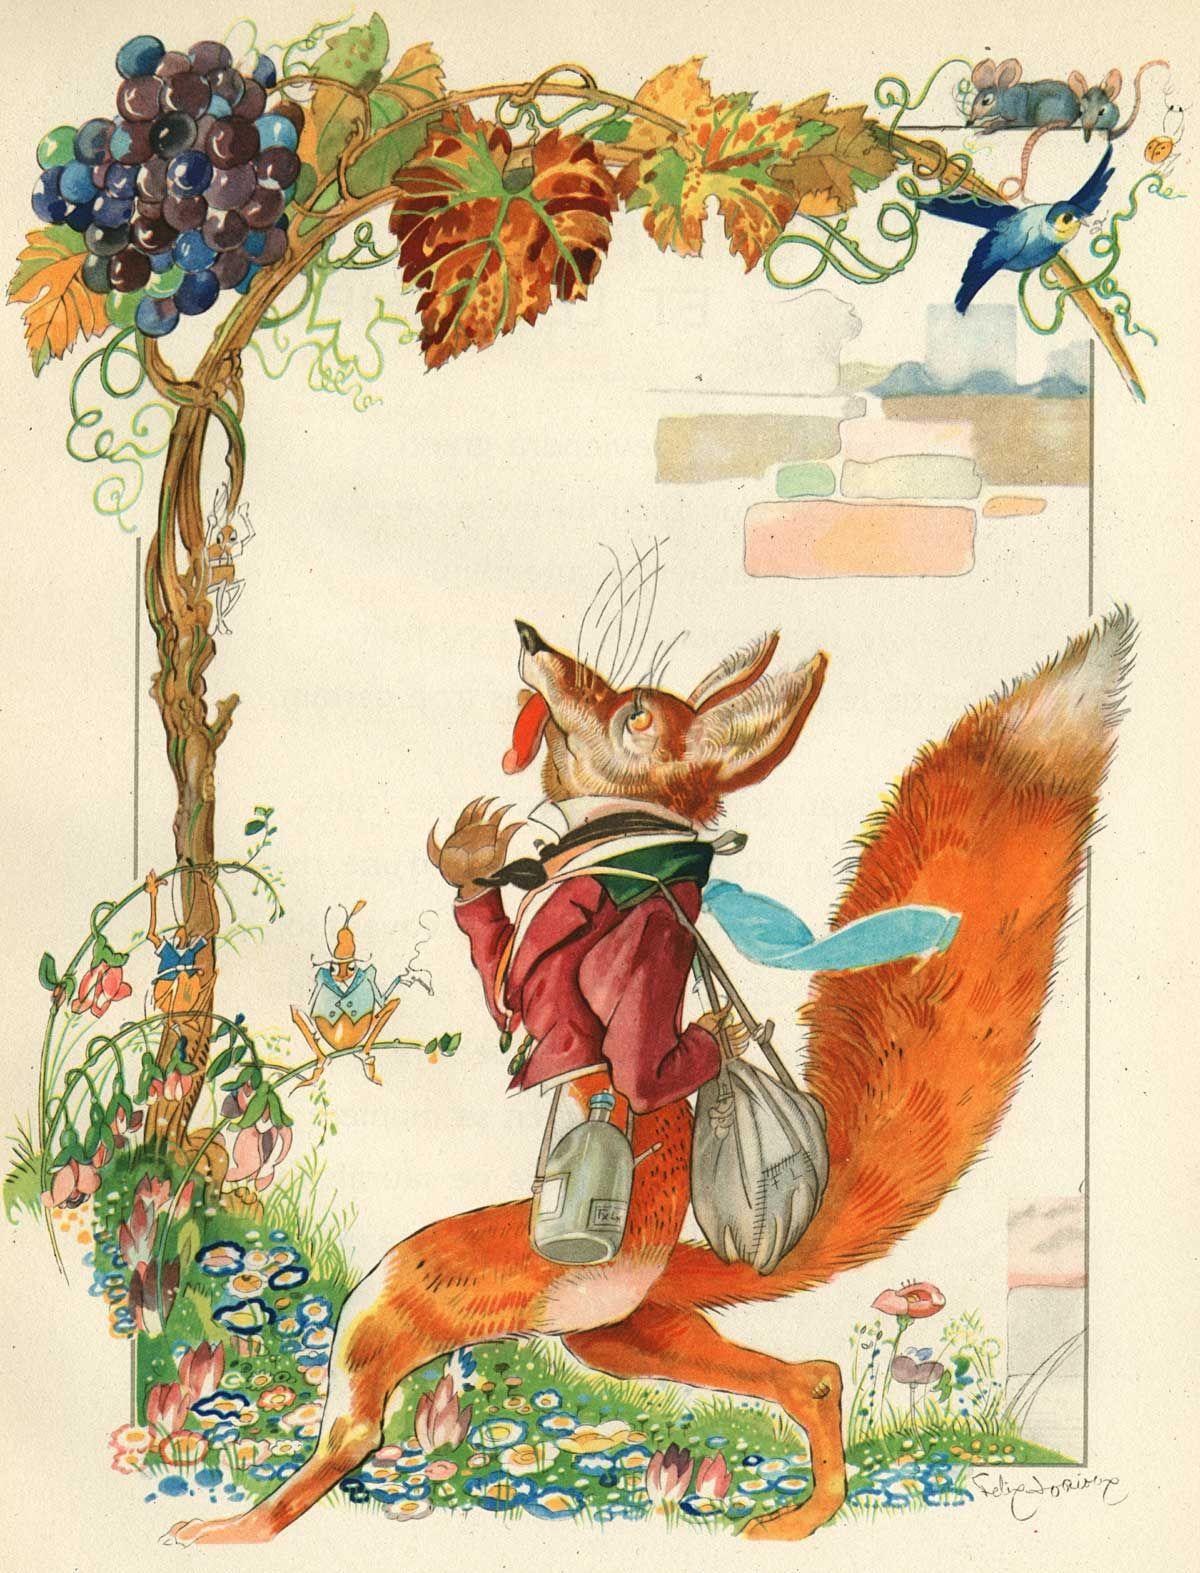 Felix lorioux illustration pour la fable le renard et les raisins de jean de lafontaine - Le renard et la cigogne dessin ...